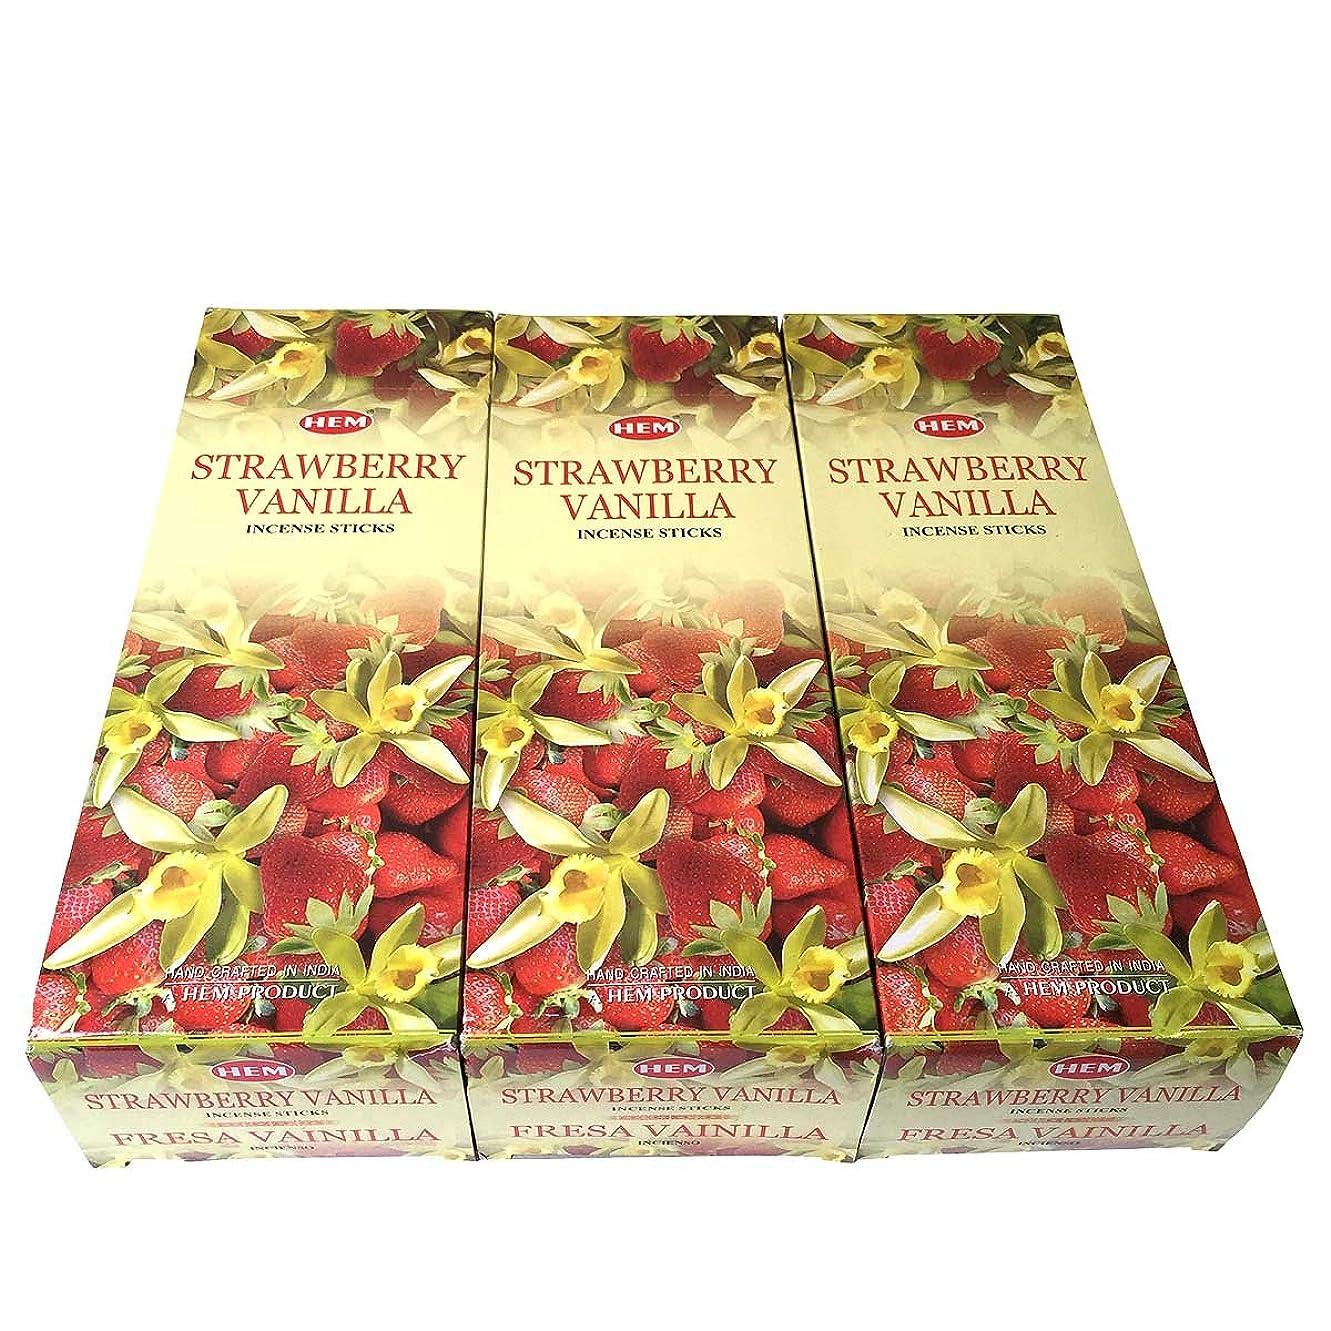 家具押す腸ストロベリーバニラ香スティック 3BOX(18箱) /HEM STRAWBERRY VANILLA/インセンス/インド香 お香 [並行輸入品]